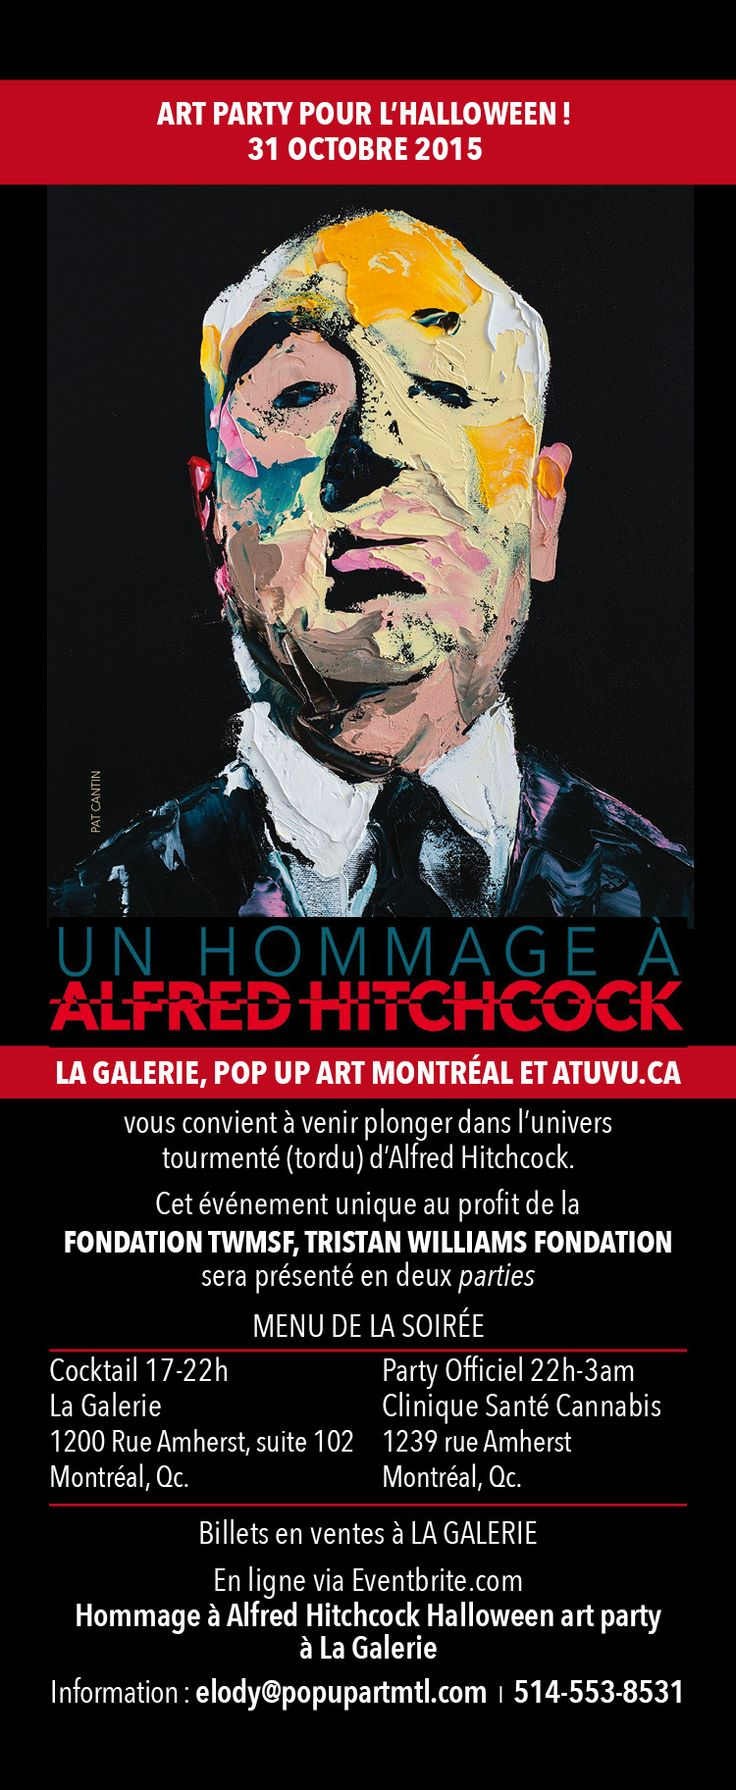 Art-Party d'Hallooween HOMMAGE À ALFRED HITCHCOCK Billets en ventes dès maintenant! Pour plus d'informations: 514-553-8531 elody@popupartmtl.com